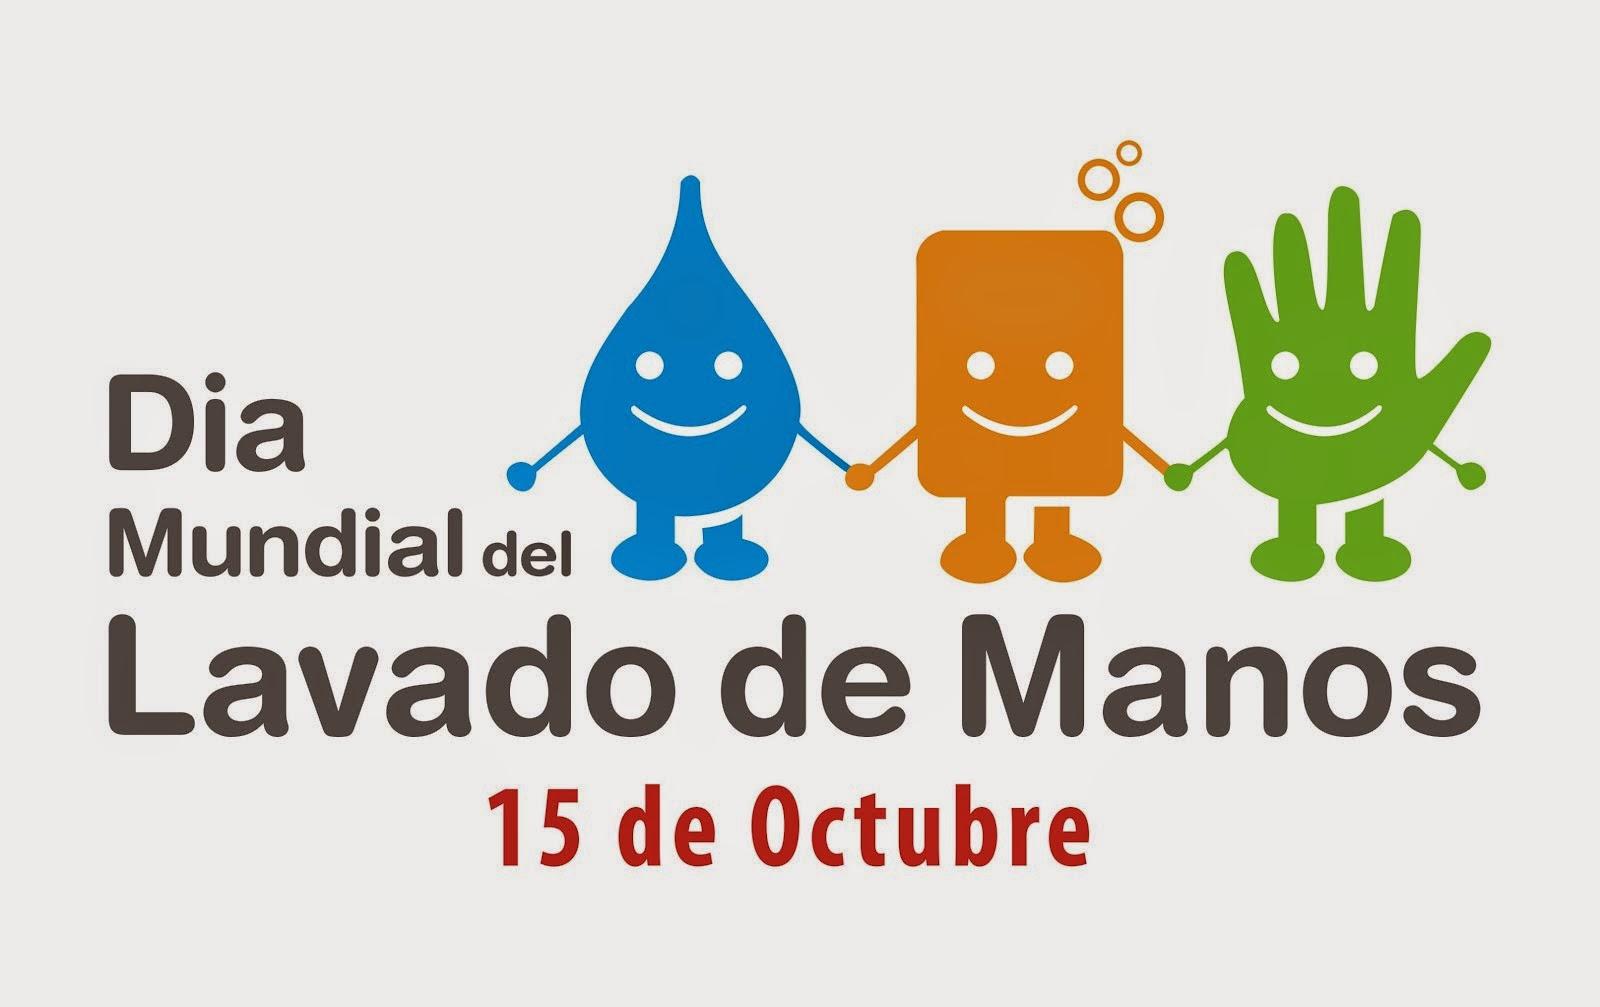 Programa hábitos de vida saludable: Día Mundial del Lavado de Manos ...